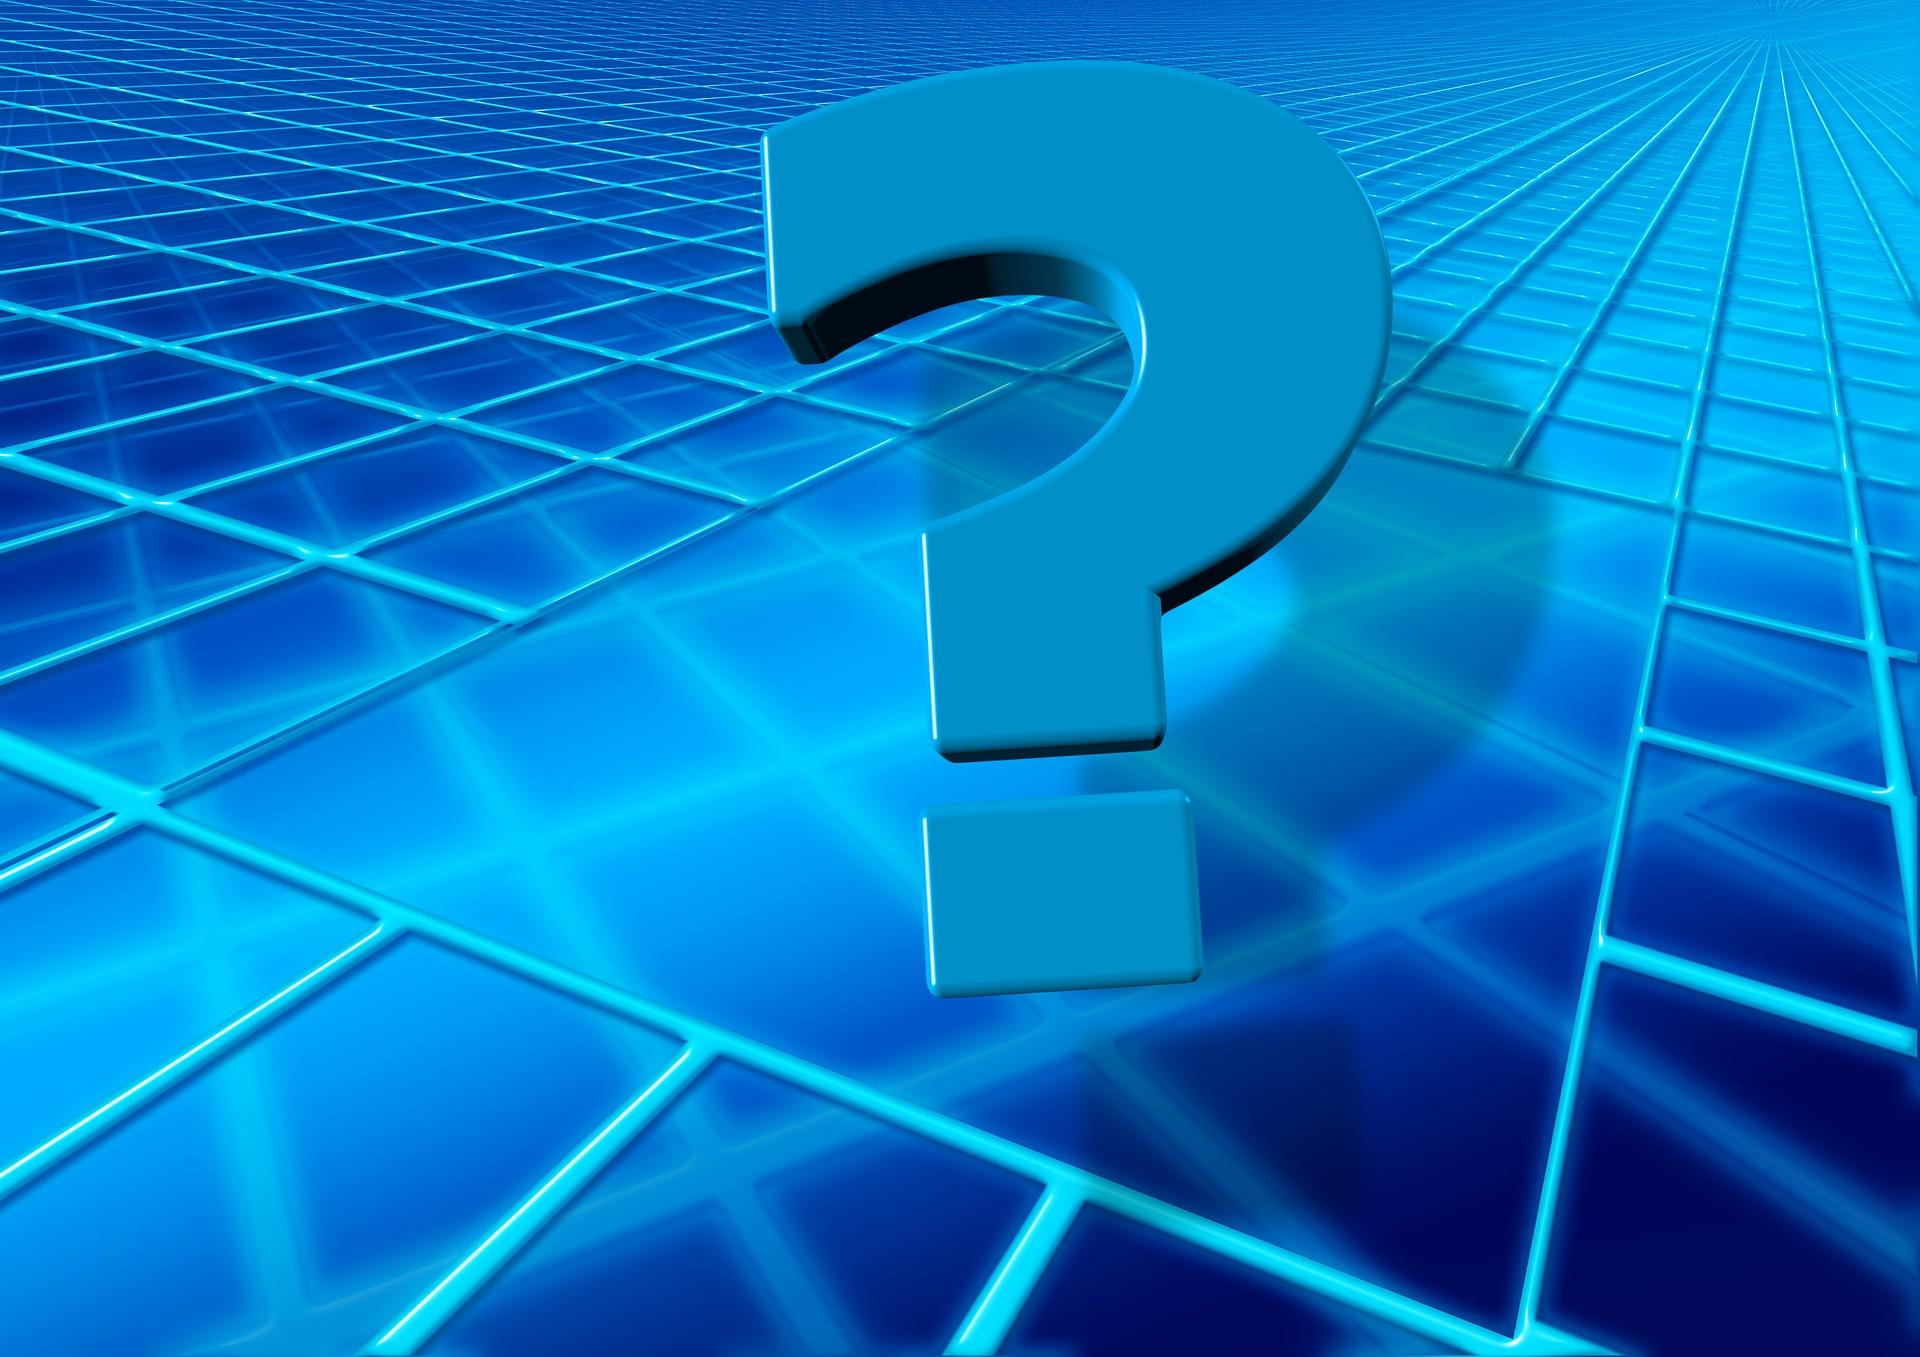 44 вопроса и ответа о Содружестве Анонимные Алкоголики  – 19